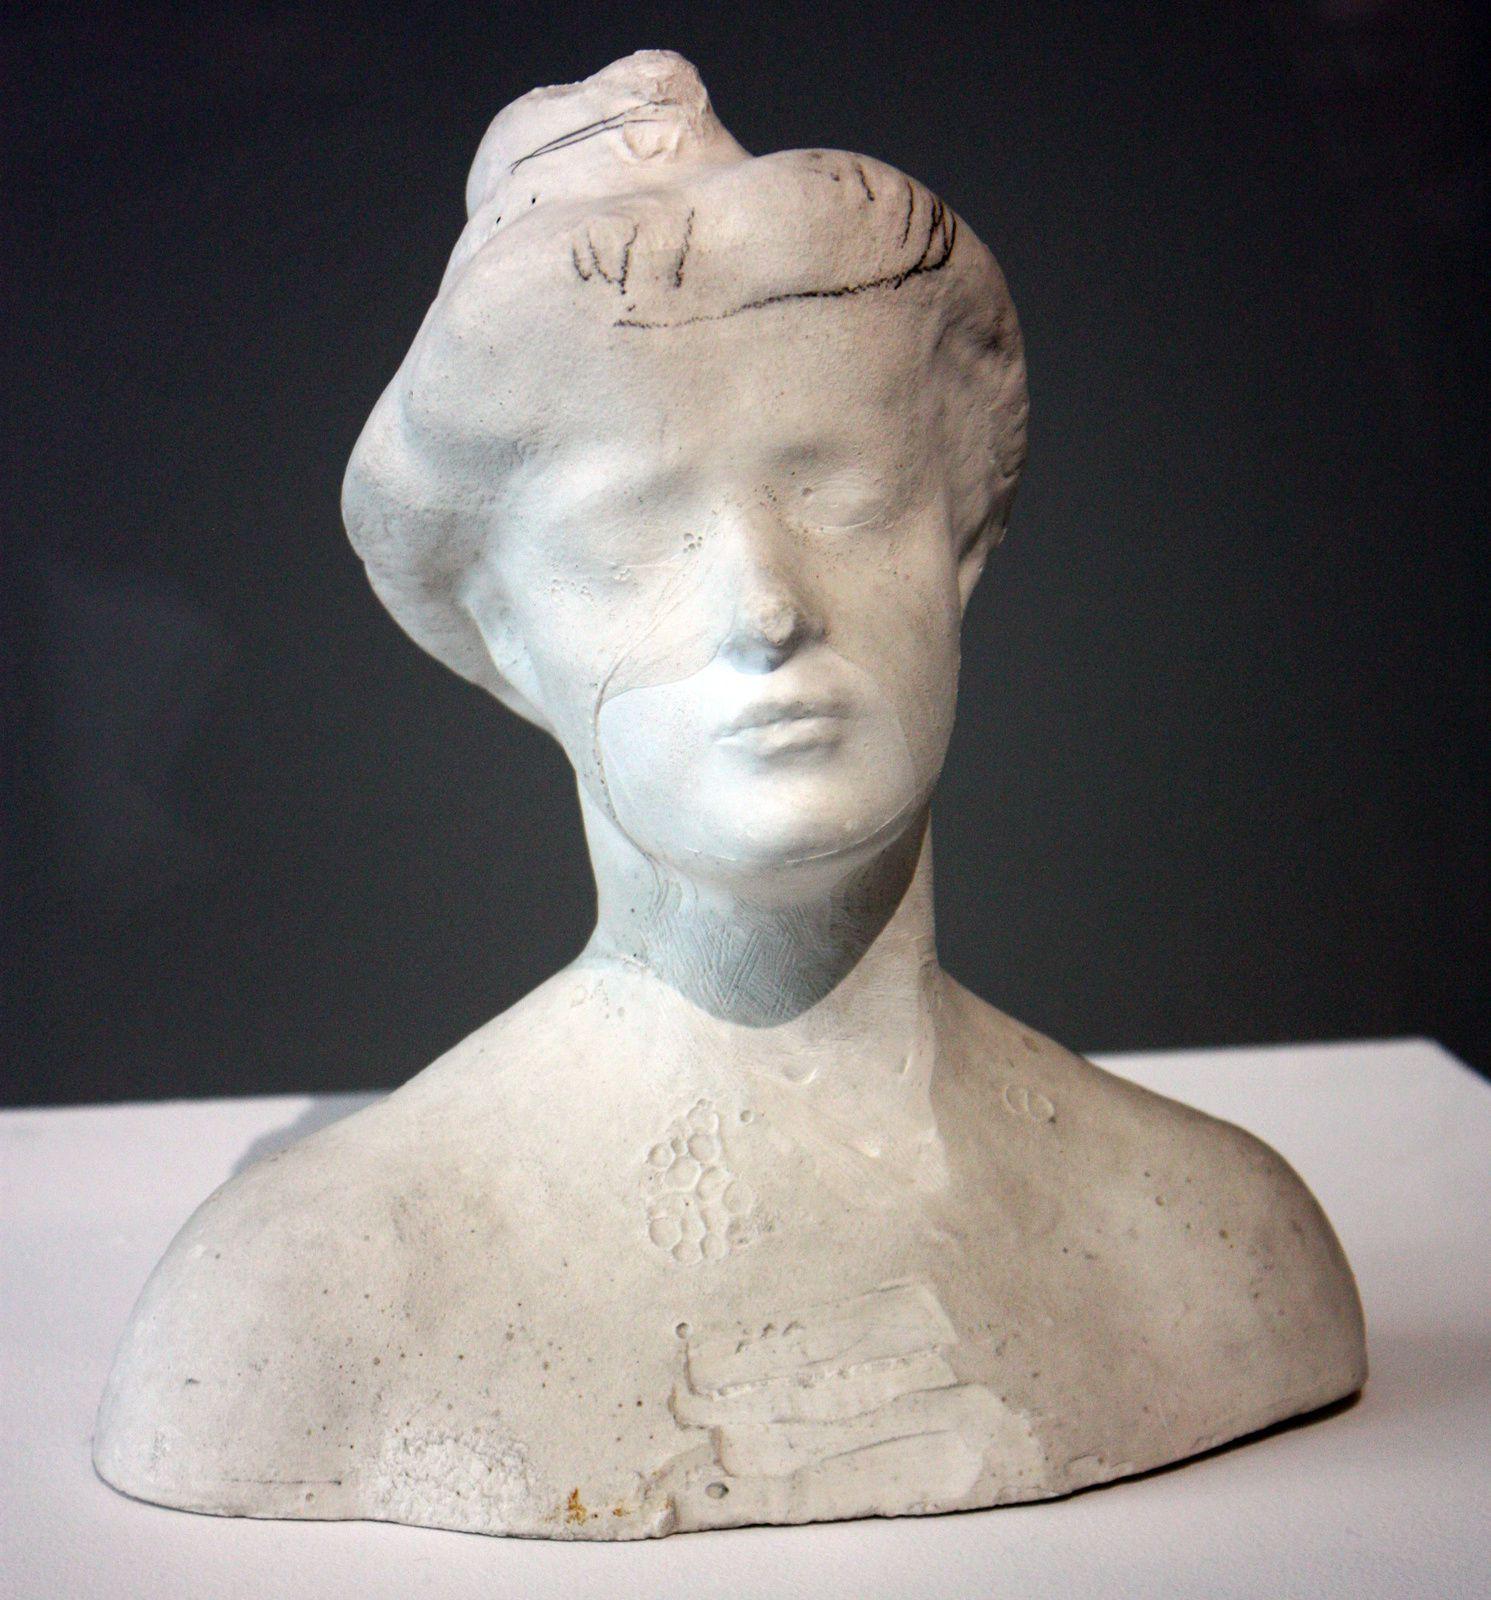 Petit buste avec voile de plâtre sur le visage, 1902 RODIN